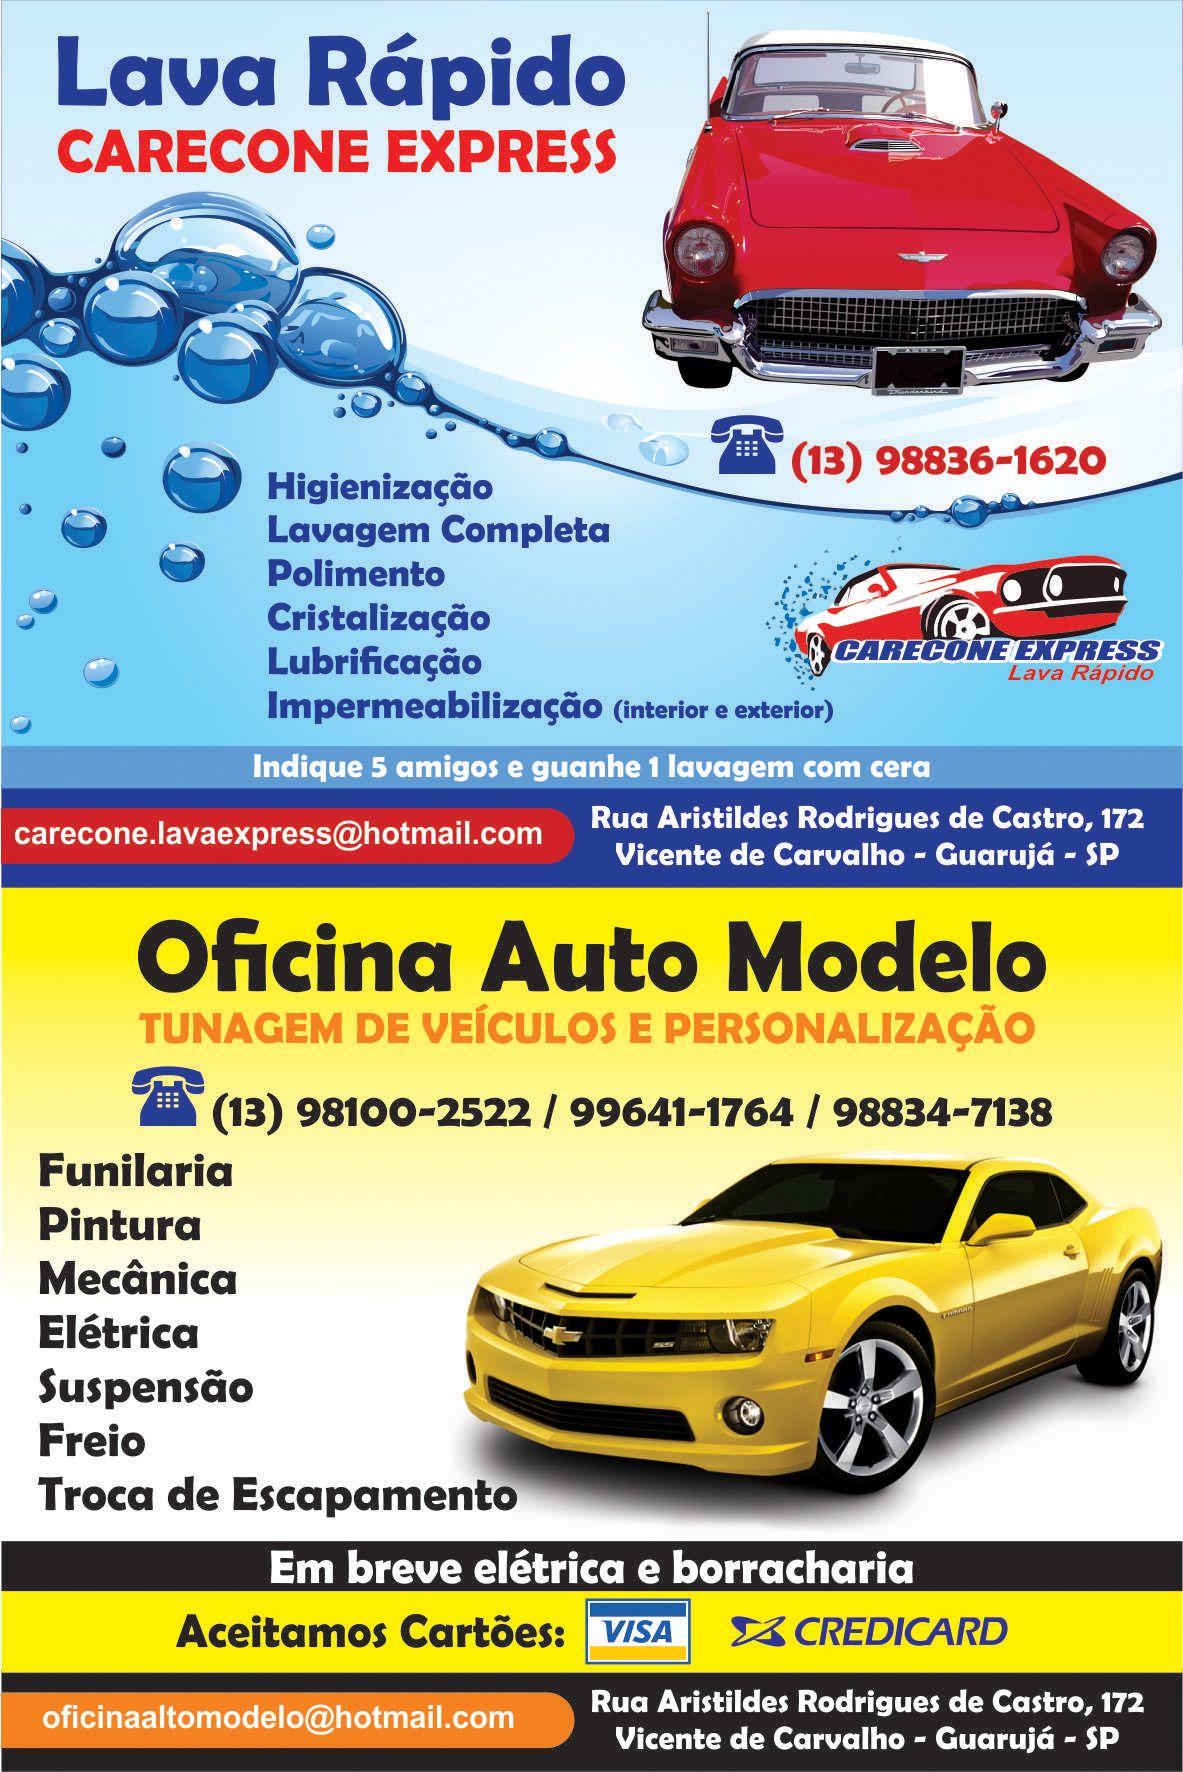 Oficina Auto Modelo Panfleto Panfletos Em 2019